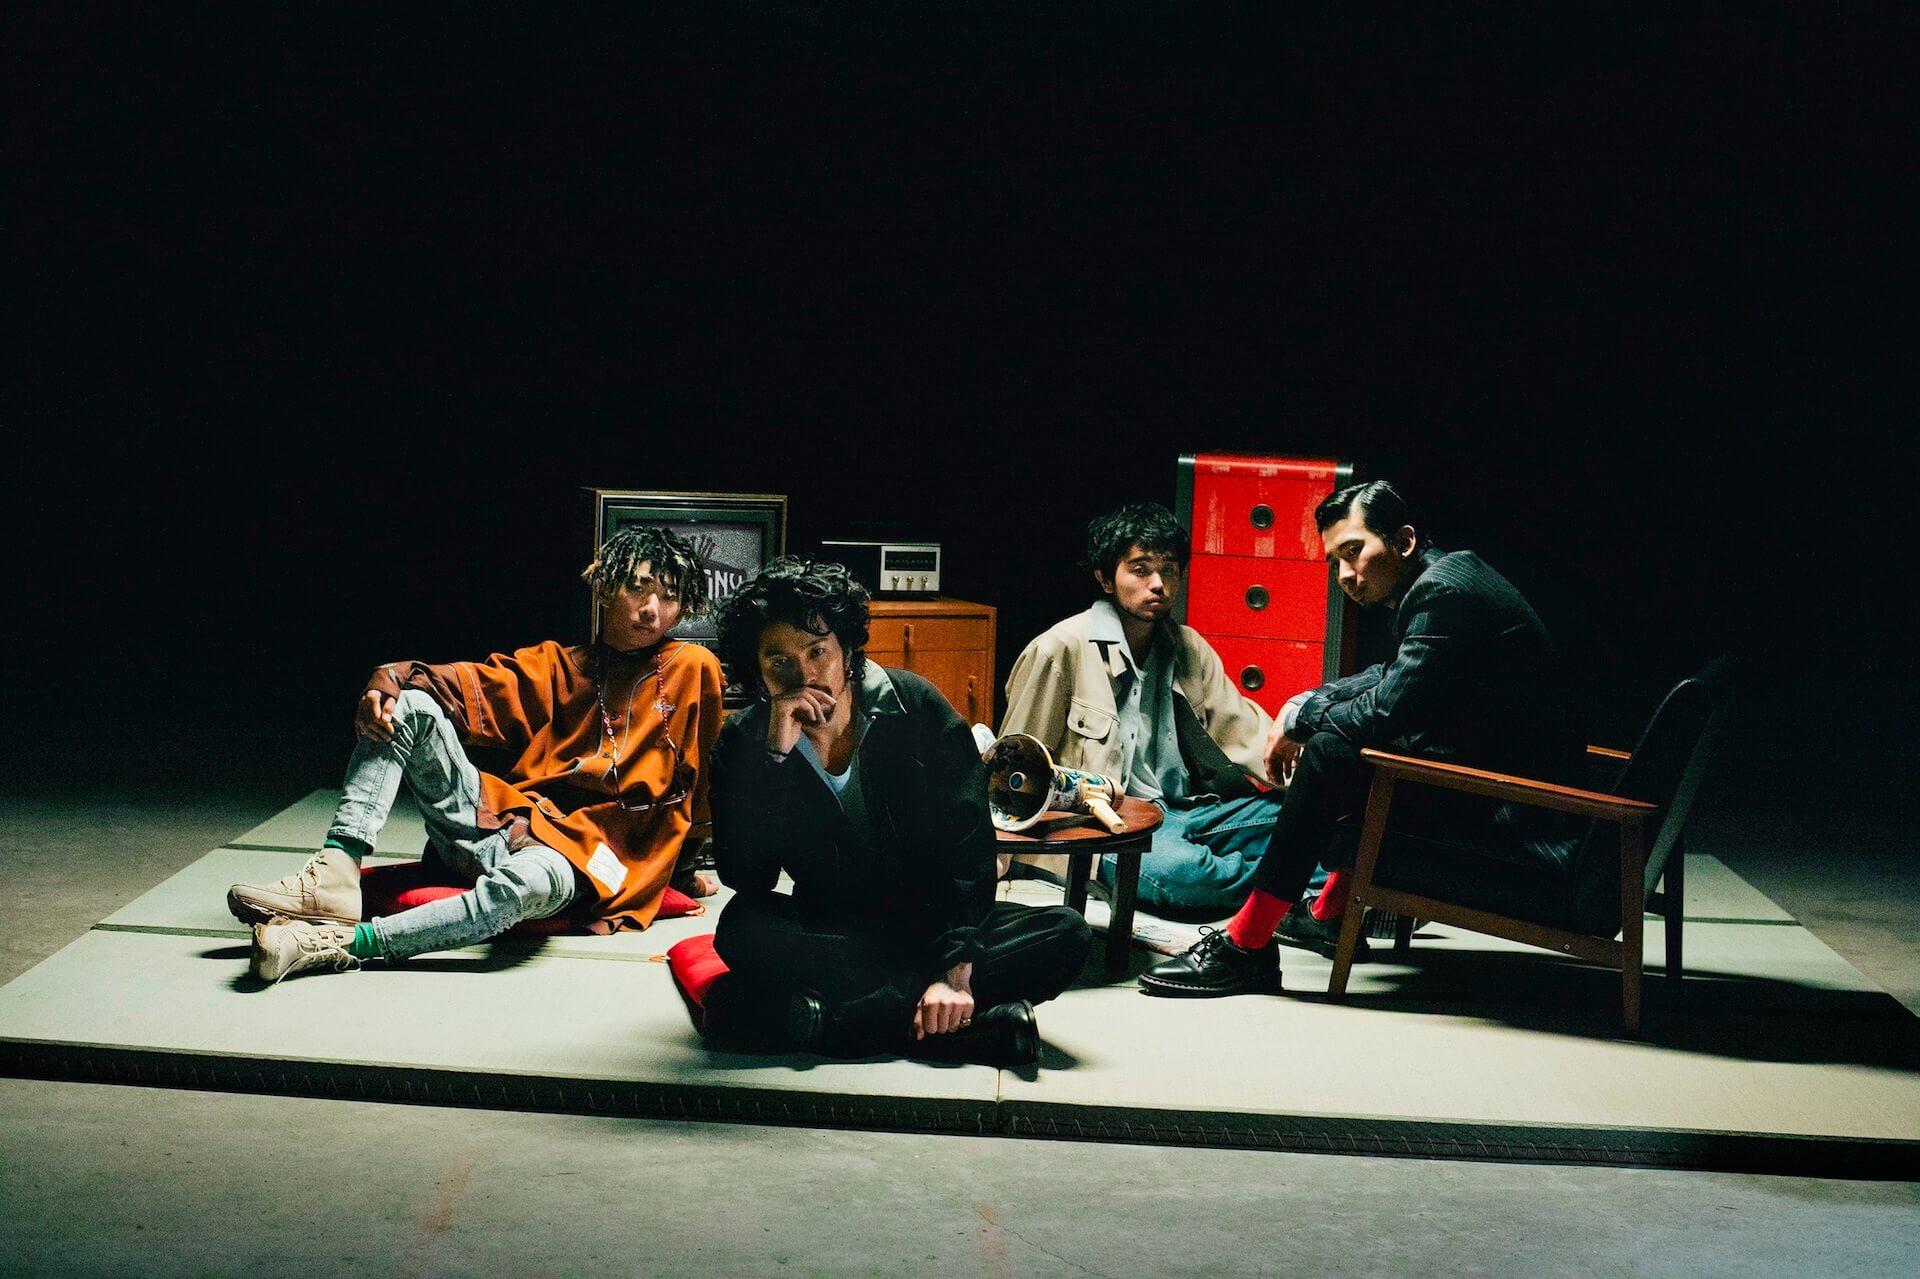 嵐が総合アルバム1位に!King Gnu、Official髭男dismも躍進したBillboard Chart2019年総合イヤーエンド・チャート発表 music191206_billboardchart_4